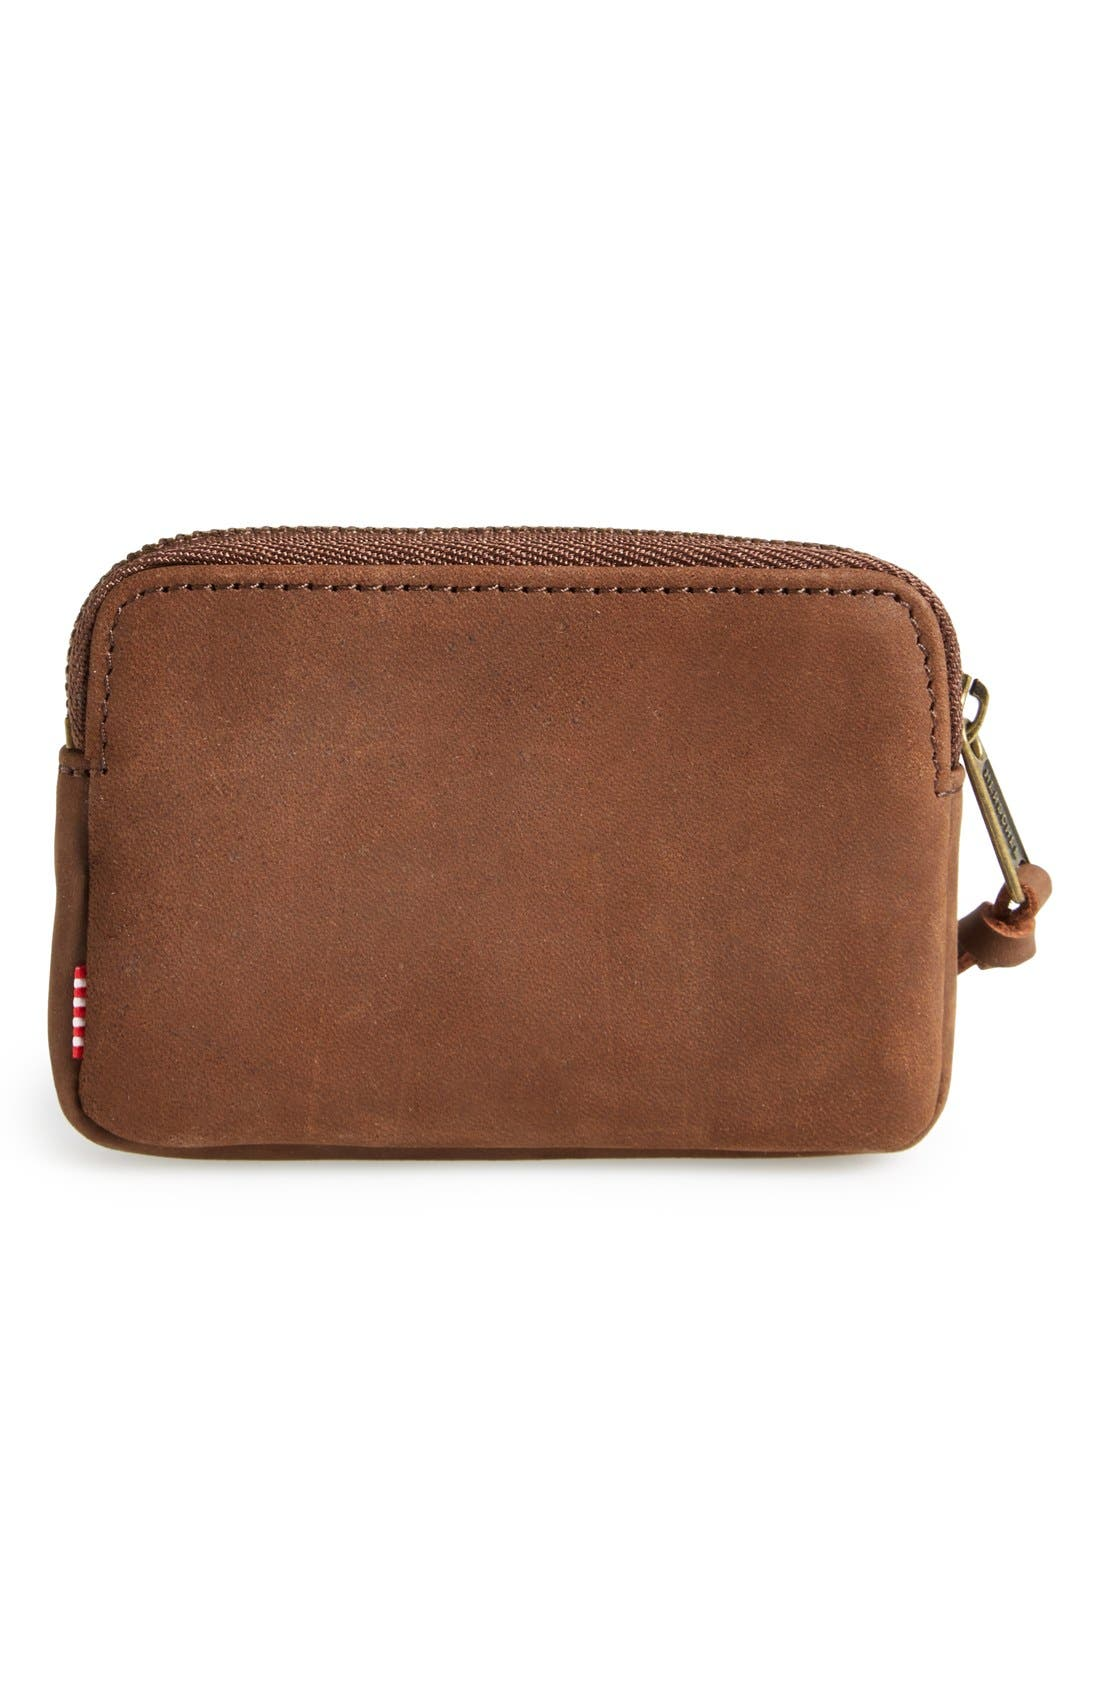 Alternate Image 3  - Herschel Supply Co. 'Oxford' Pouch Wallet